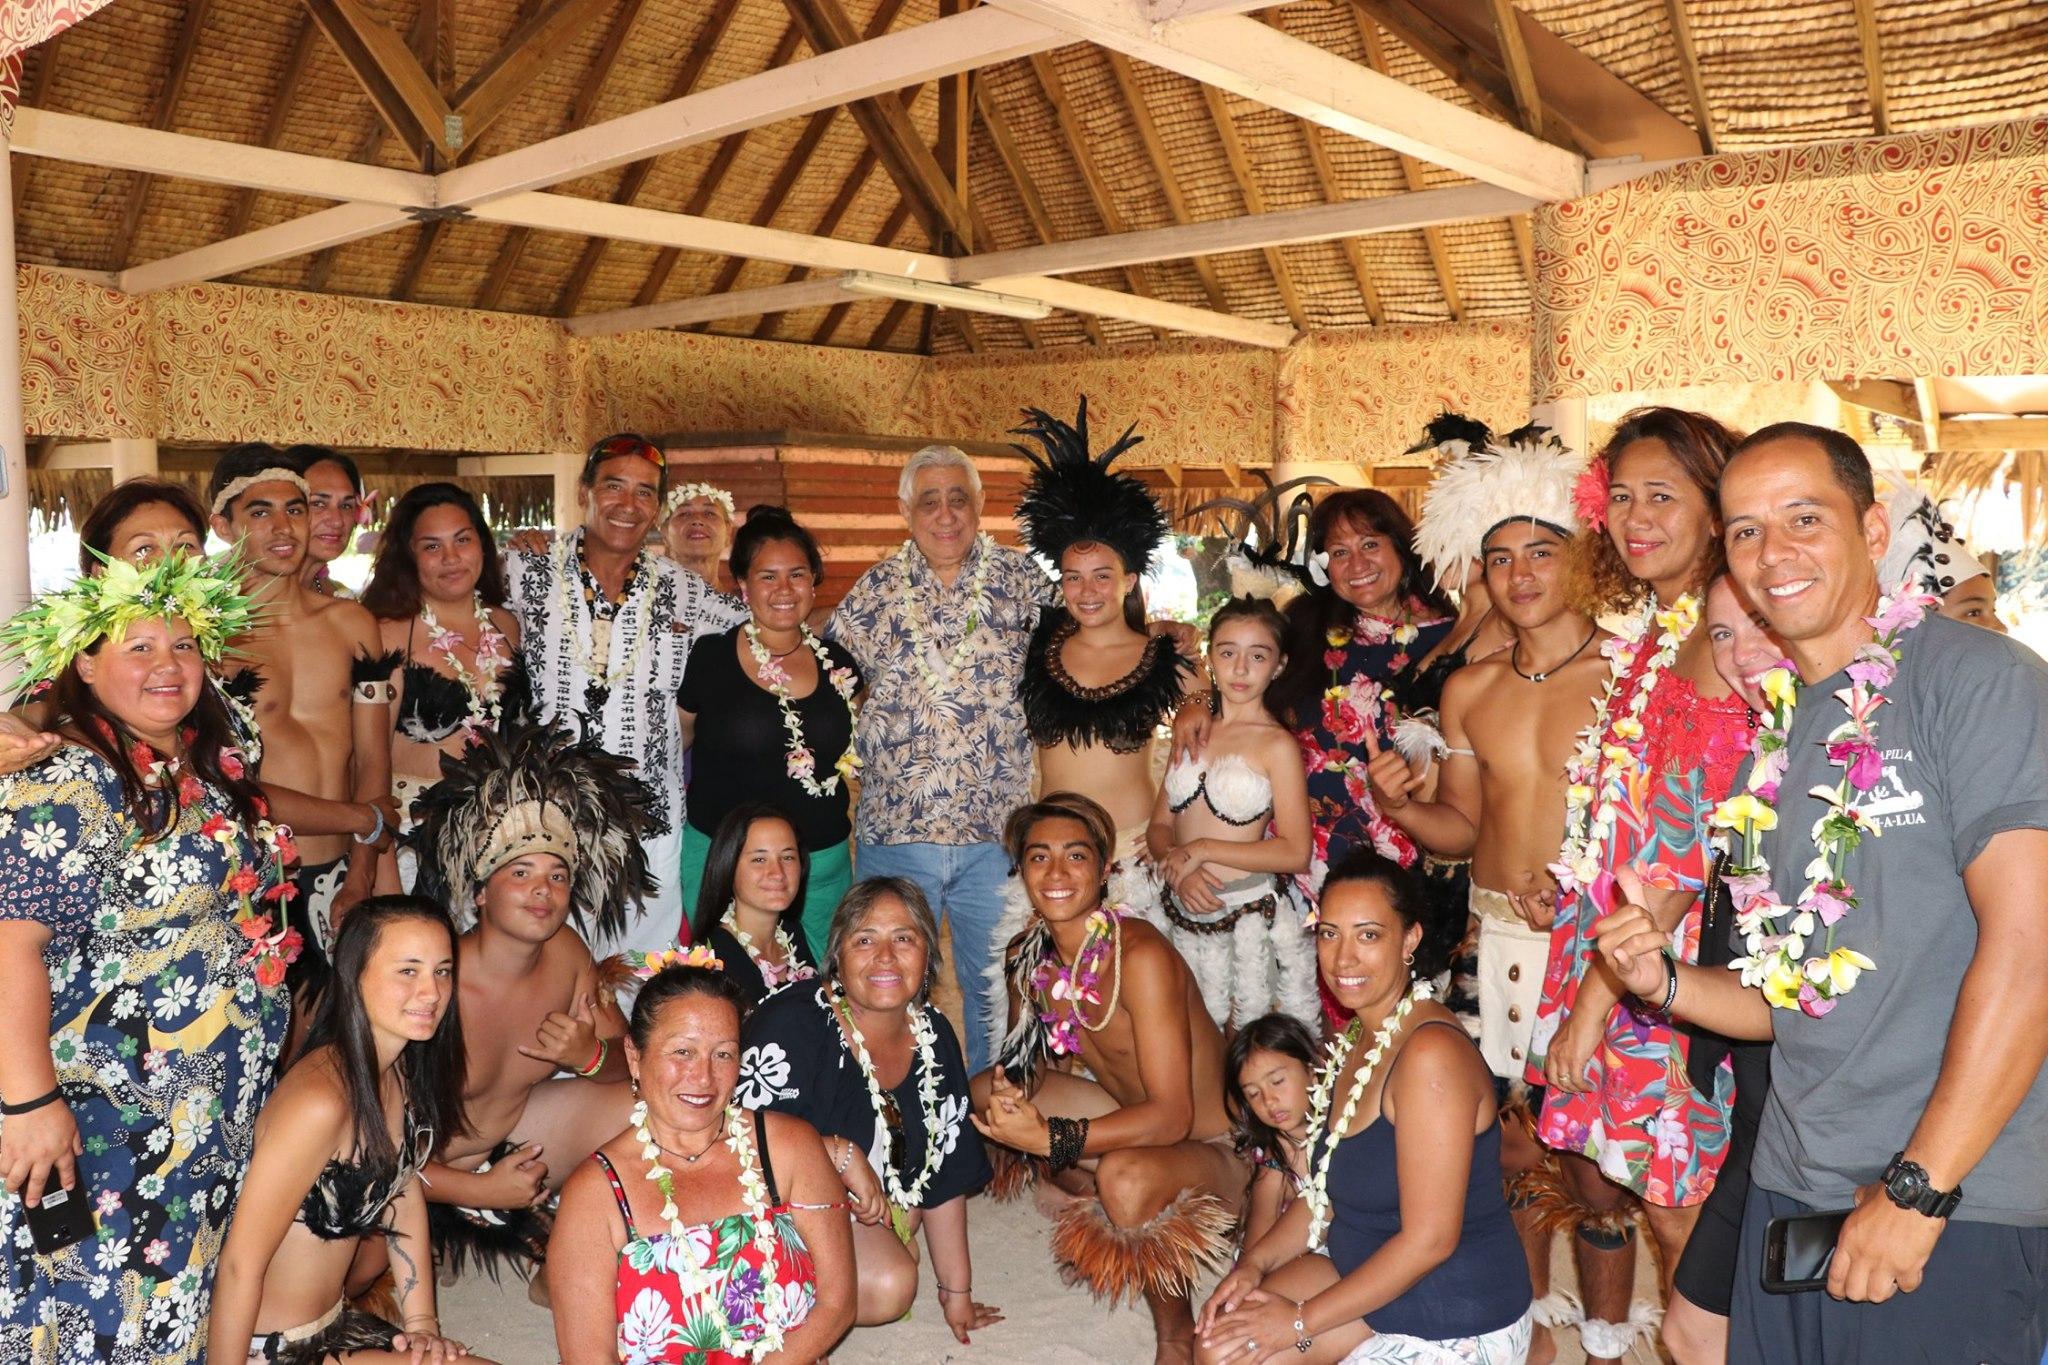 Reconnaissante, la délégation a offert aux employés de la mairie de Faa'a une prestation de danse ainsi que plusieurs cadeaux, autour d'un repas. Un moment culturel et festif.